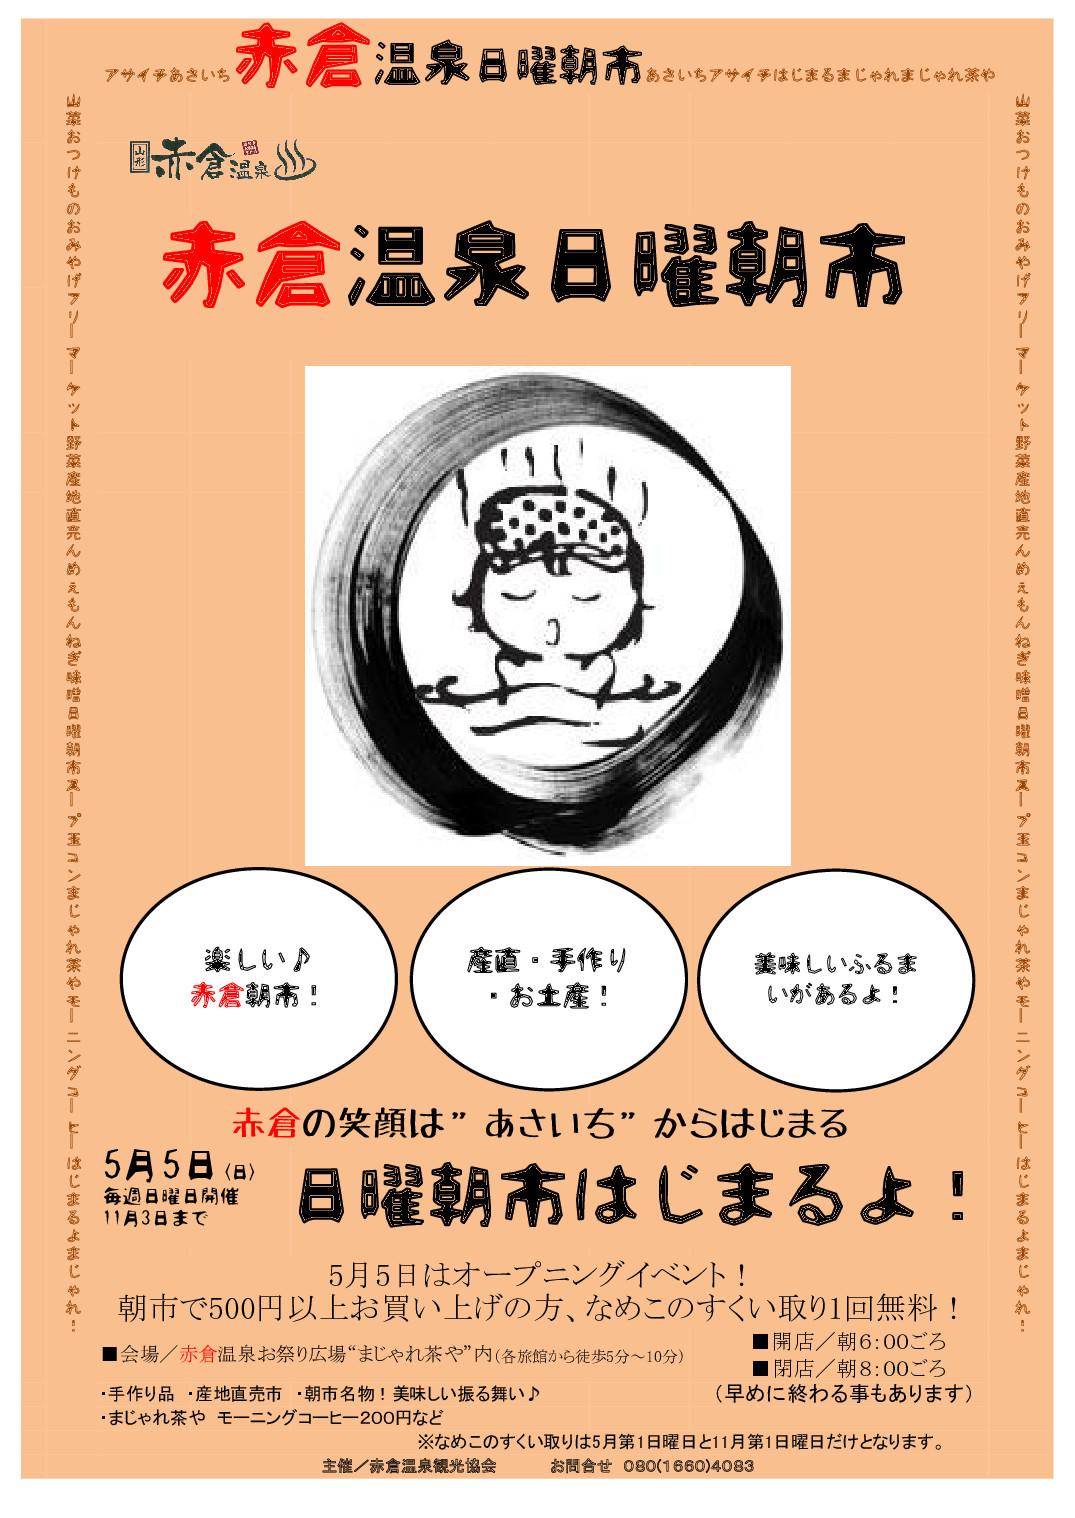 http://akakura-spa.com/oshirase/blog/asa2019.jpg